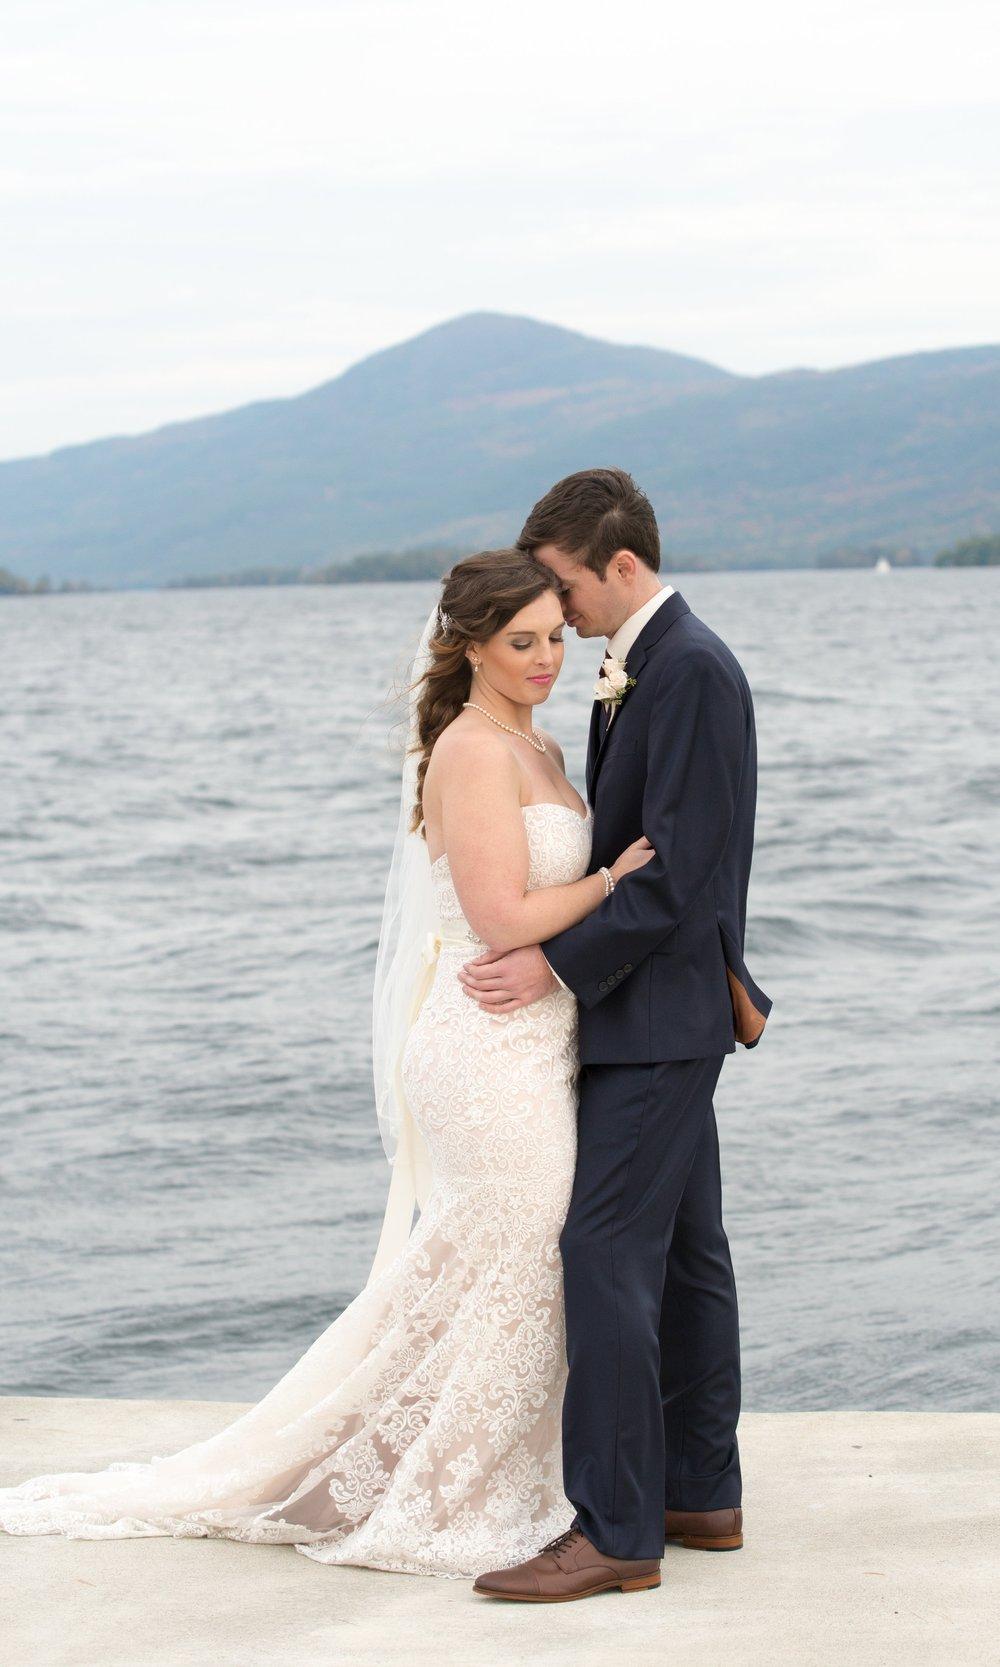 mr-mrs-lake-sagamore-resort-lake-george-ny-wedding-ym-photography